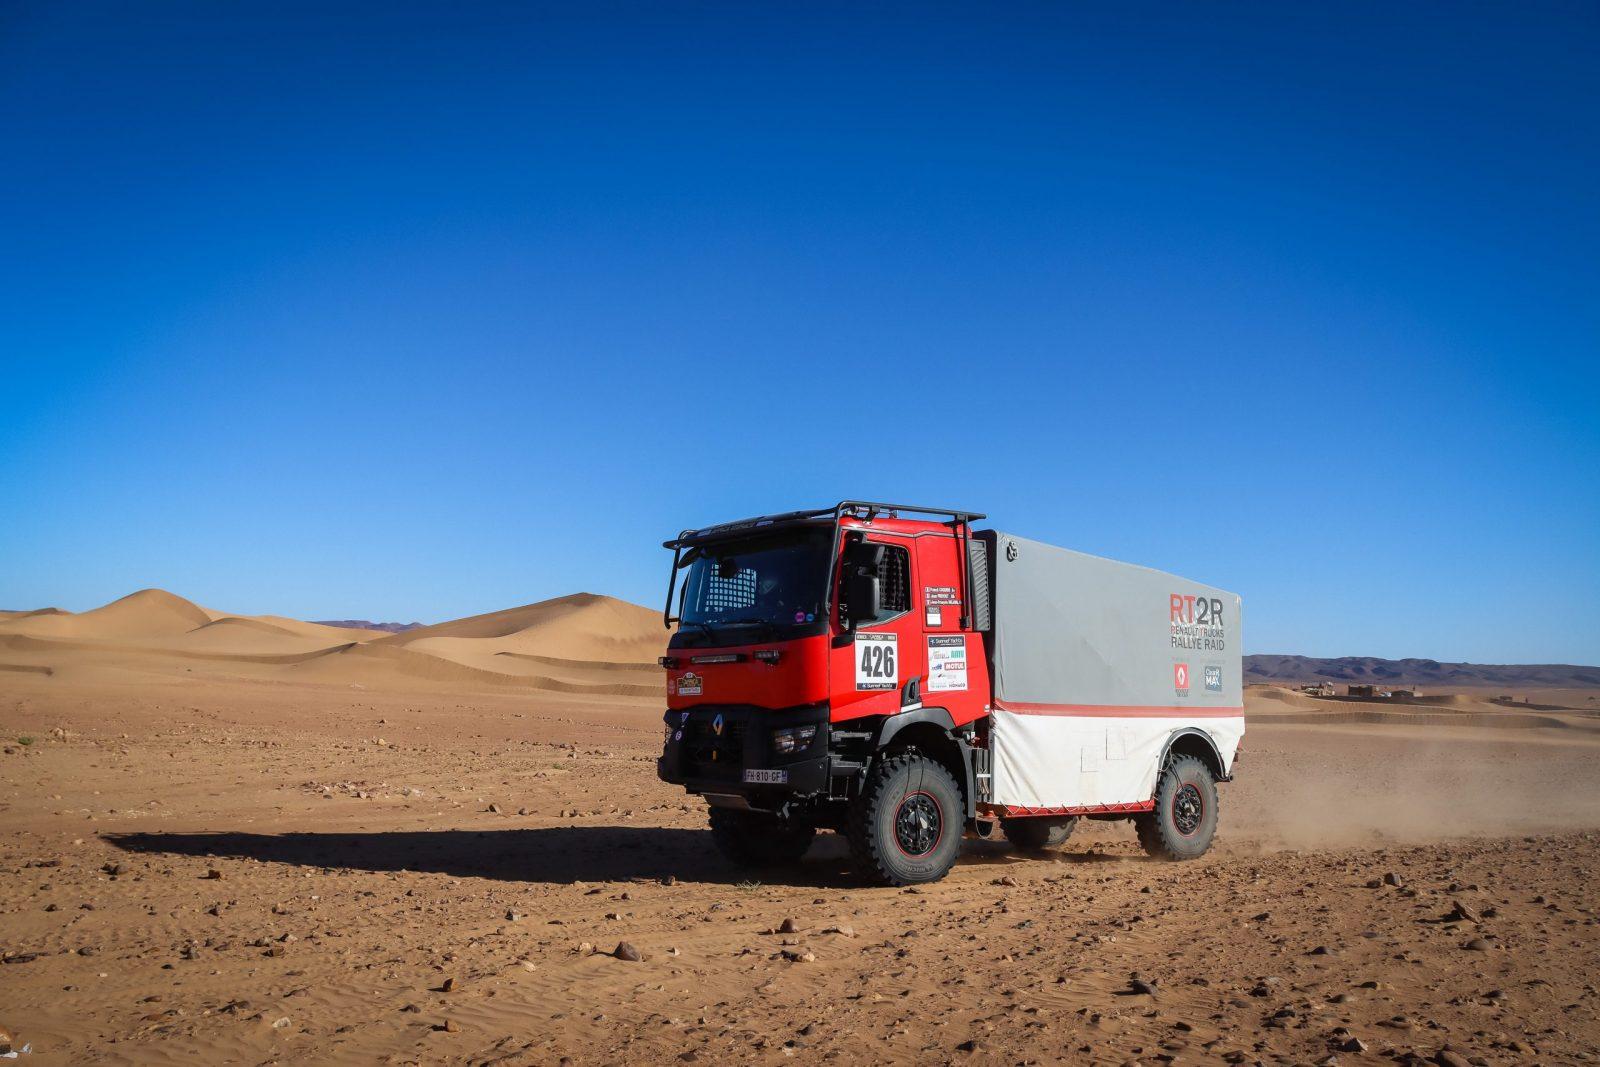 image illustration article Participer à des rallyes avec son propre camion de course : un rêve devenu réalité !